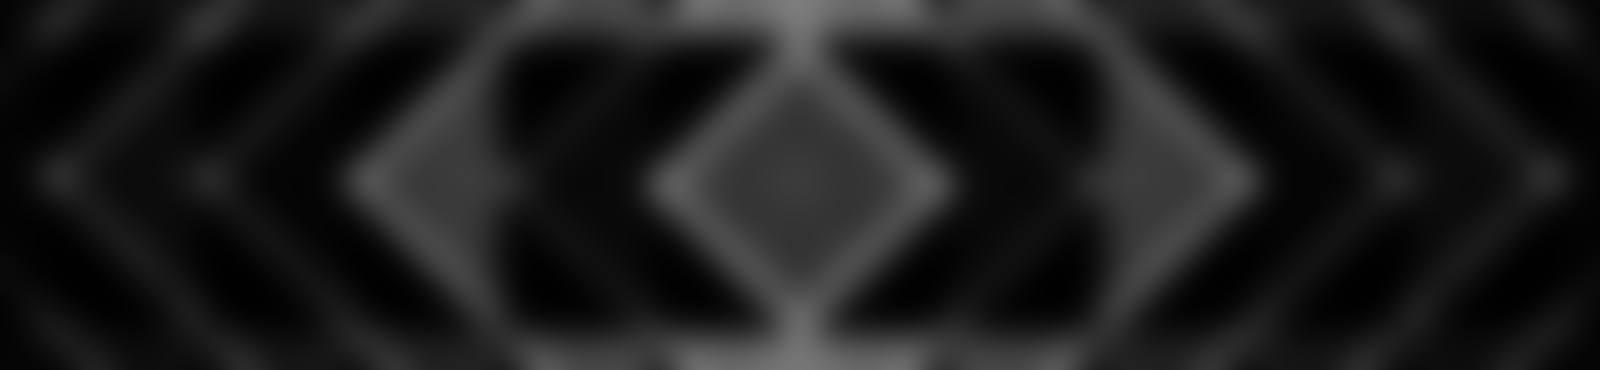 Blurred 11011577 377587619109072 4595112849485354749 n